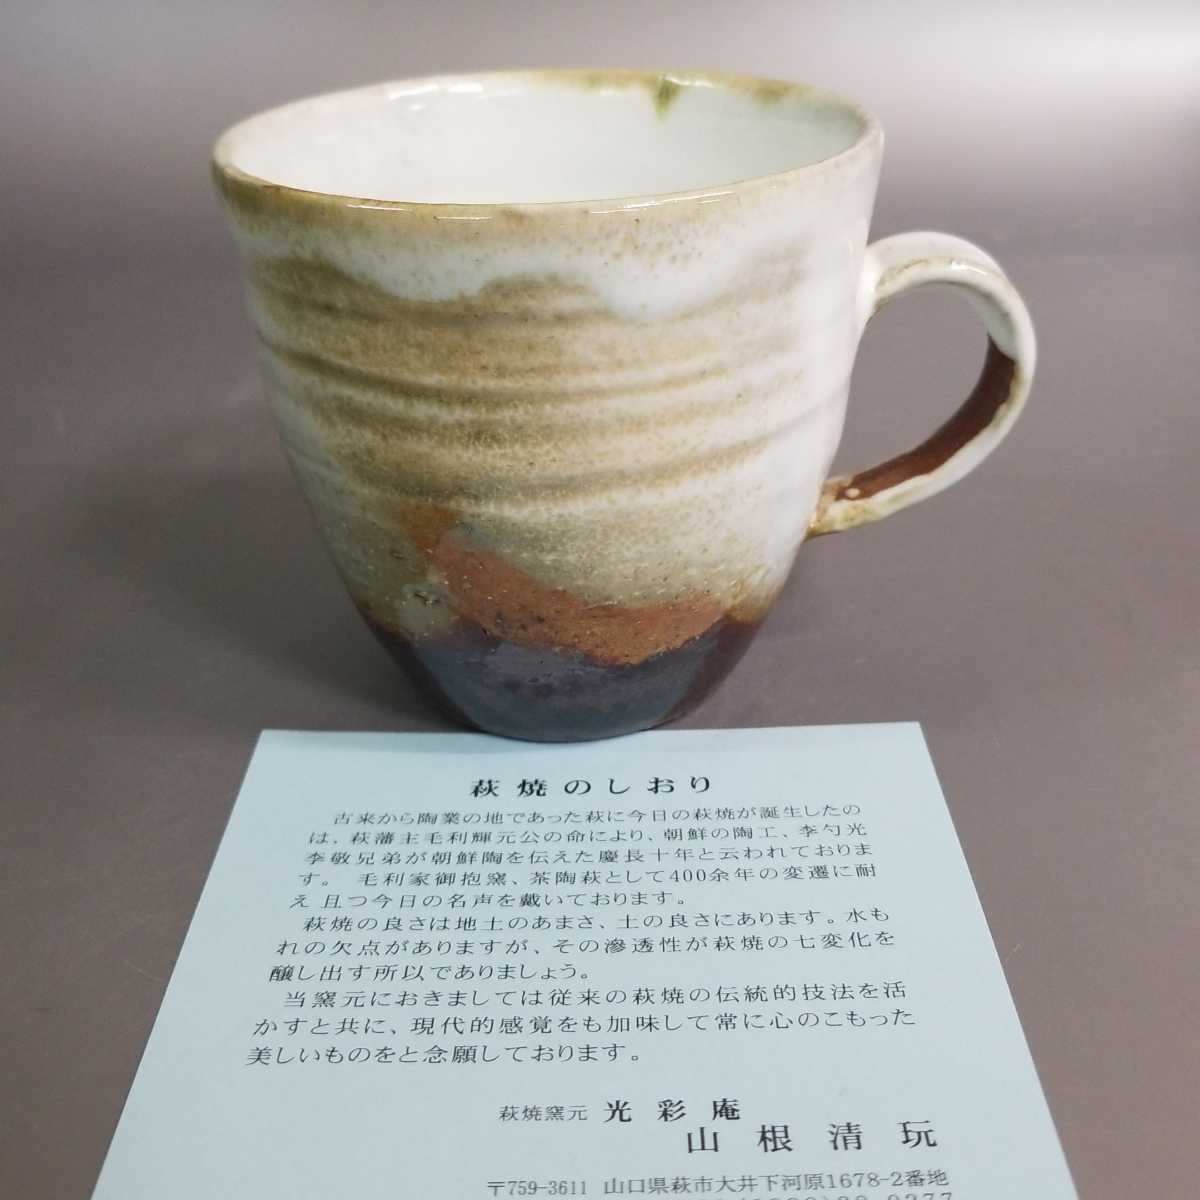 辞64)萩焼 山根清玩 三彩マグカップ コーヒーカップ 珈琲器 未使用新品 同梱歓迎_画像10